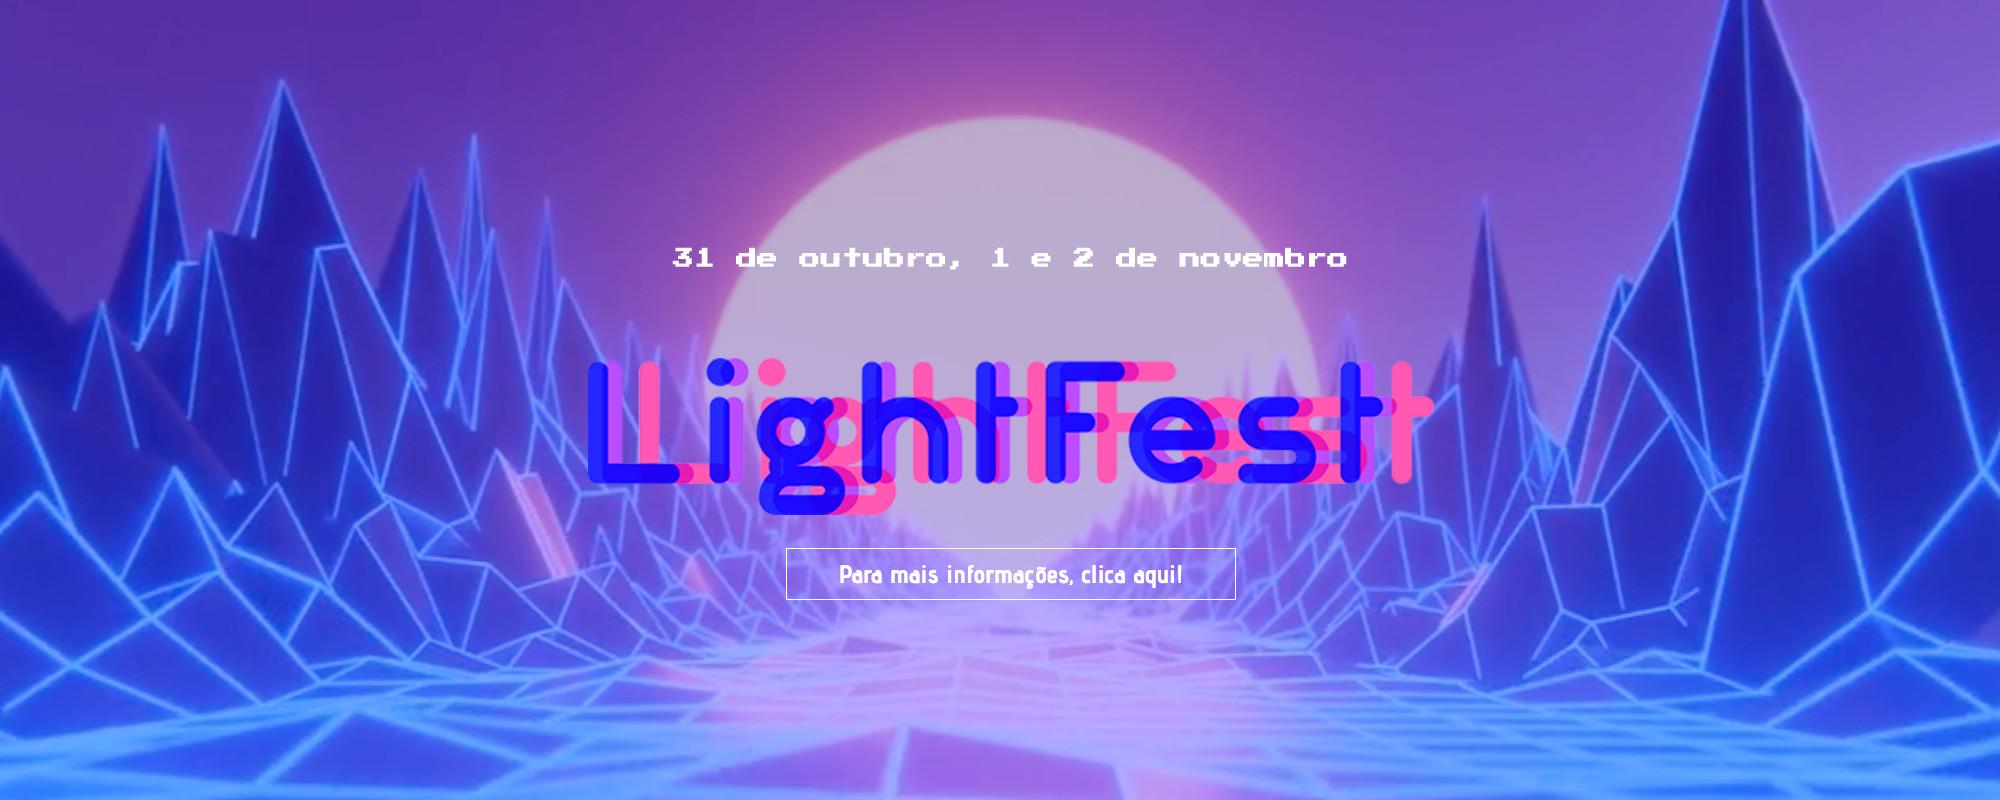 lighfest2019